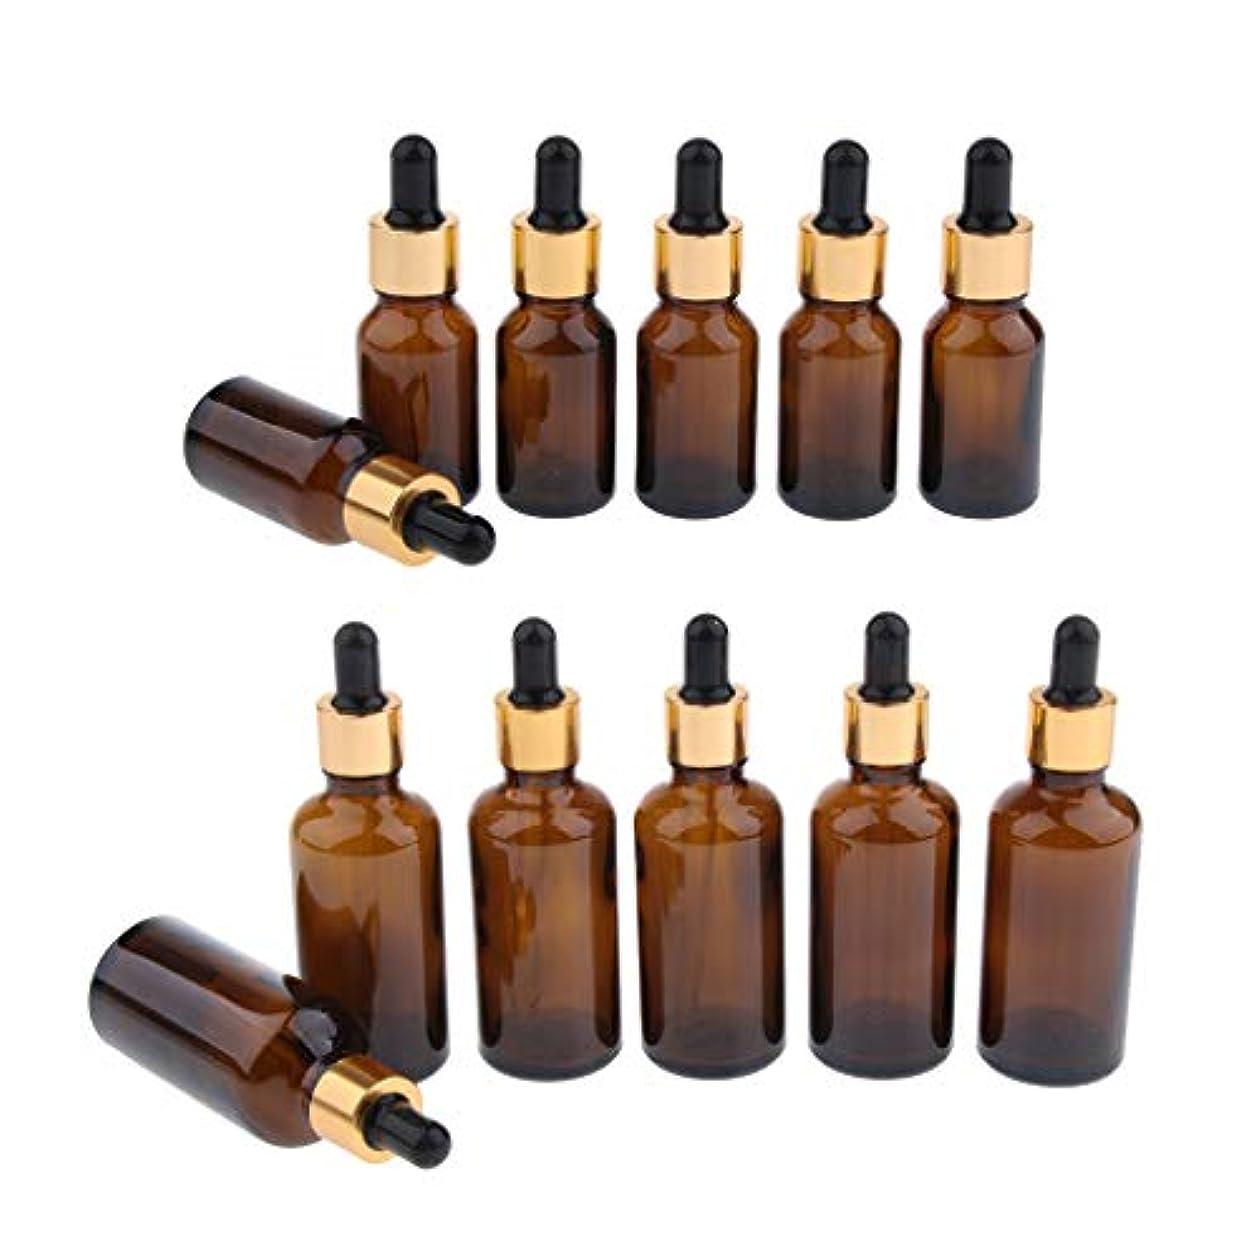 数値かなり困難FLAMEER 約12本 ドロッパーボトル エッセンシャルオイル コスメ 詰替え容器 茶色